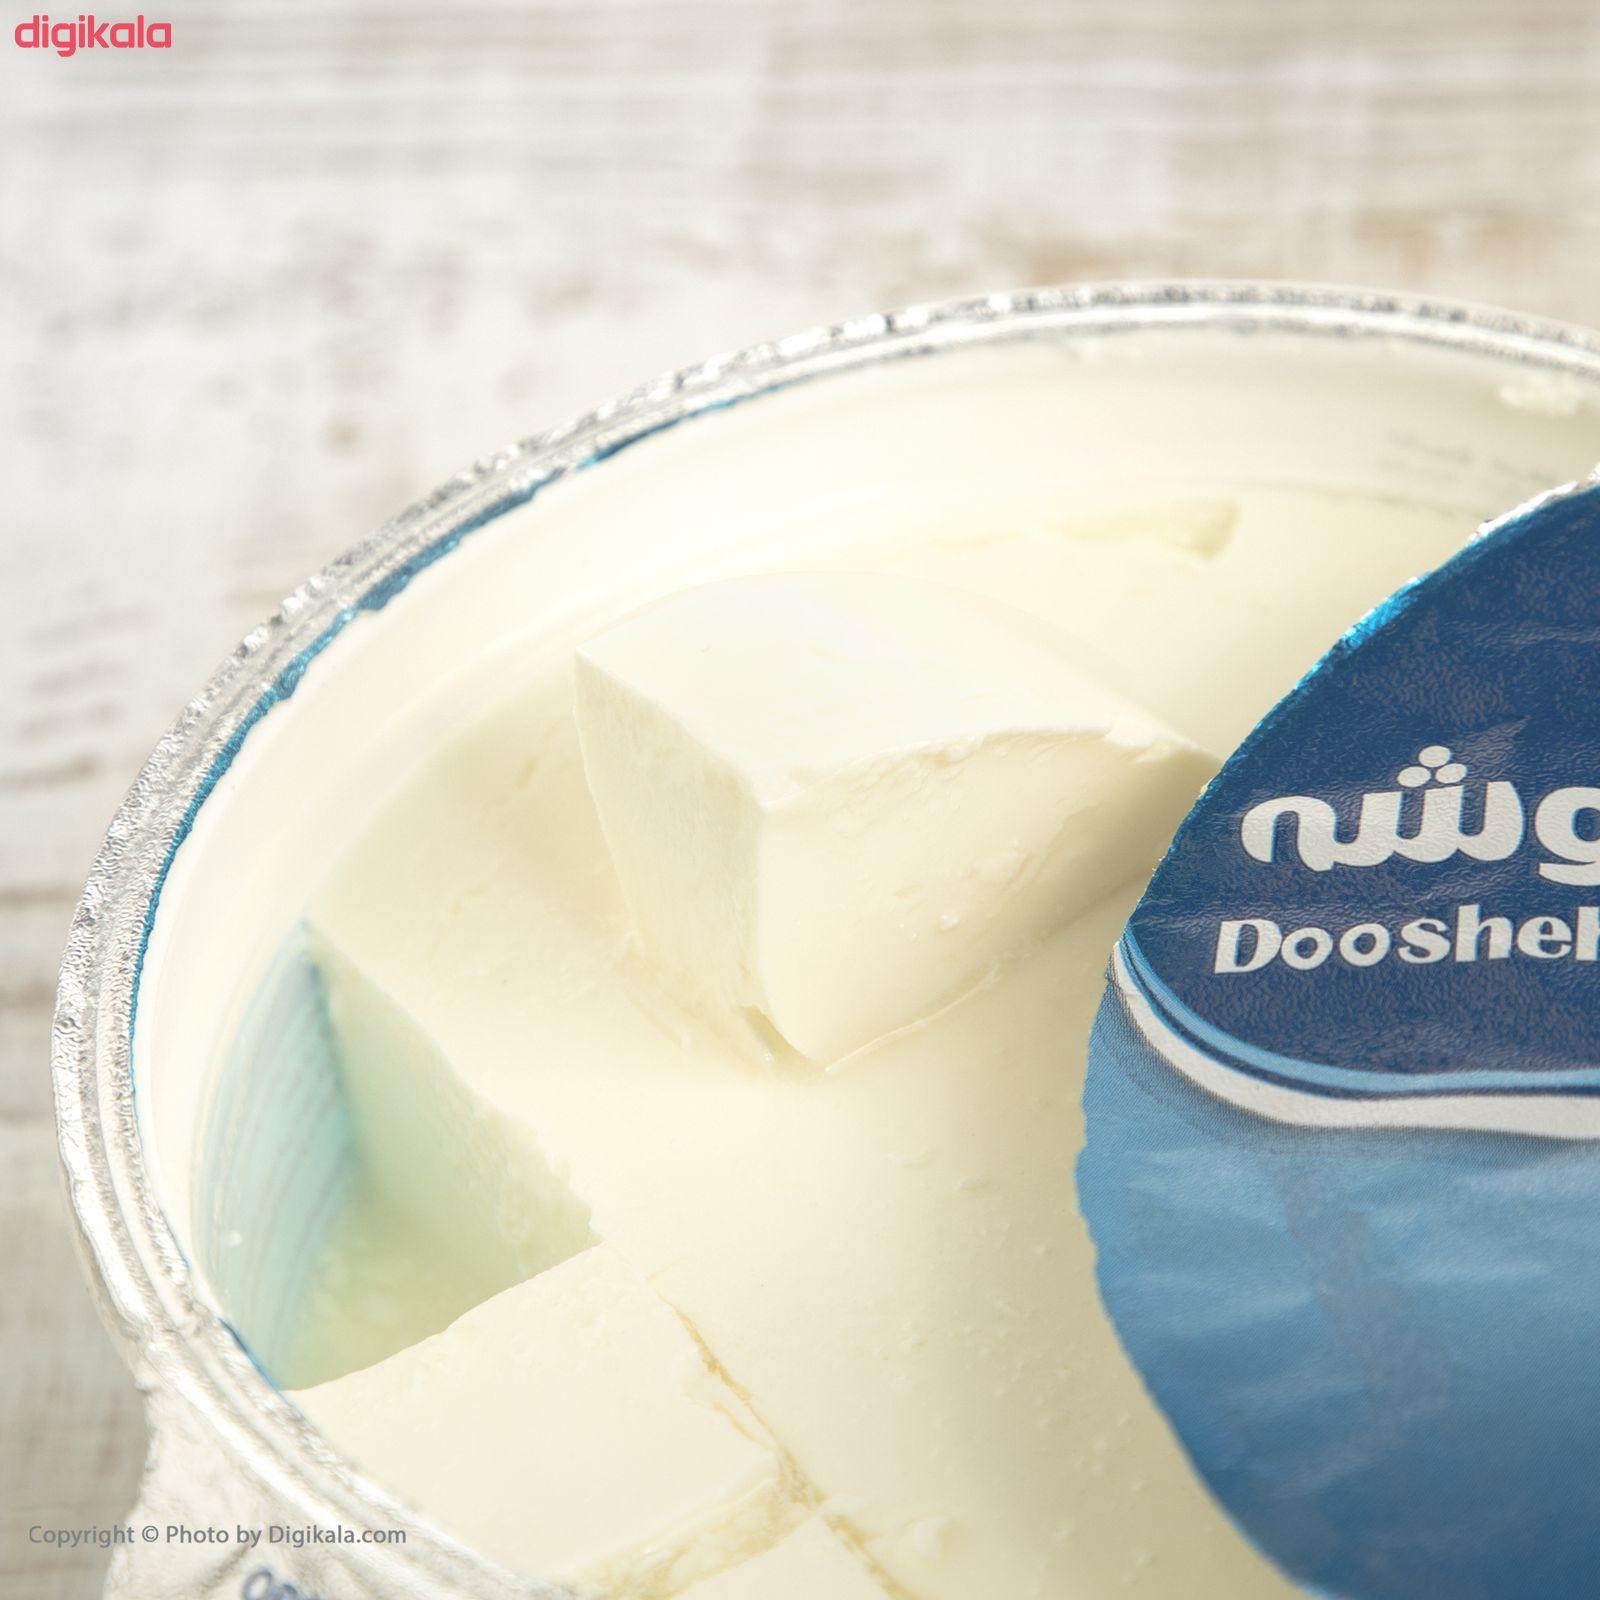 پنیر فتا دوشه هراز مقدار 750 گرم main 1 7